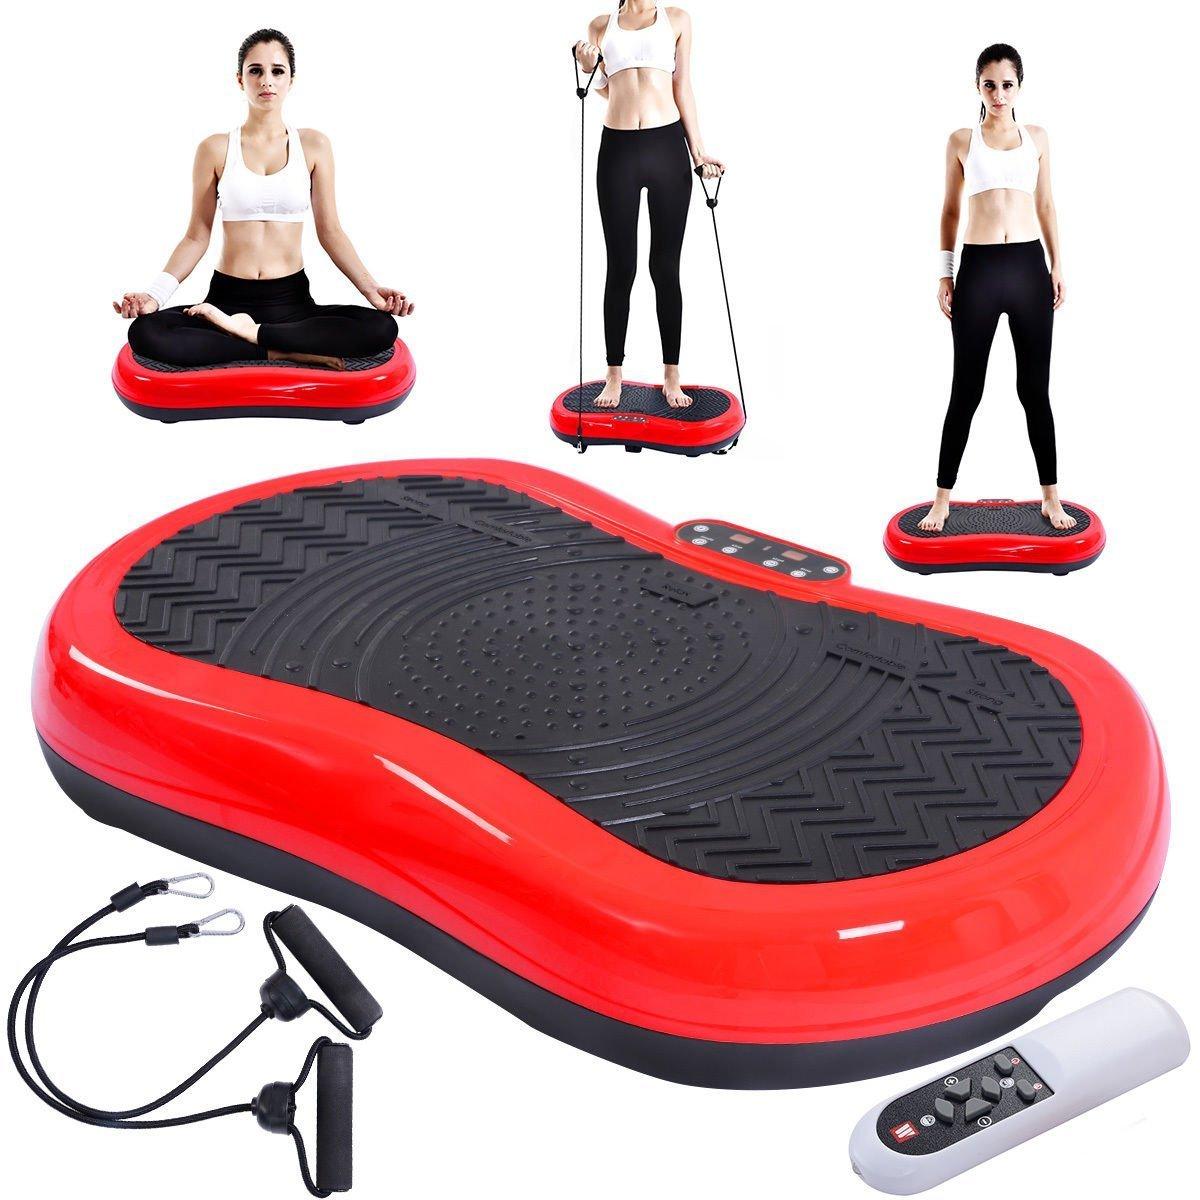 Tangkula Ultrathin Mini Crazy Fit Vibration Platform Massage Machine Fitness Gym (Red) by Tangkula (Image #3)